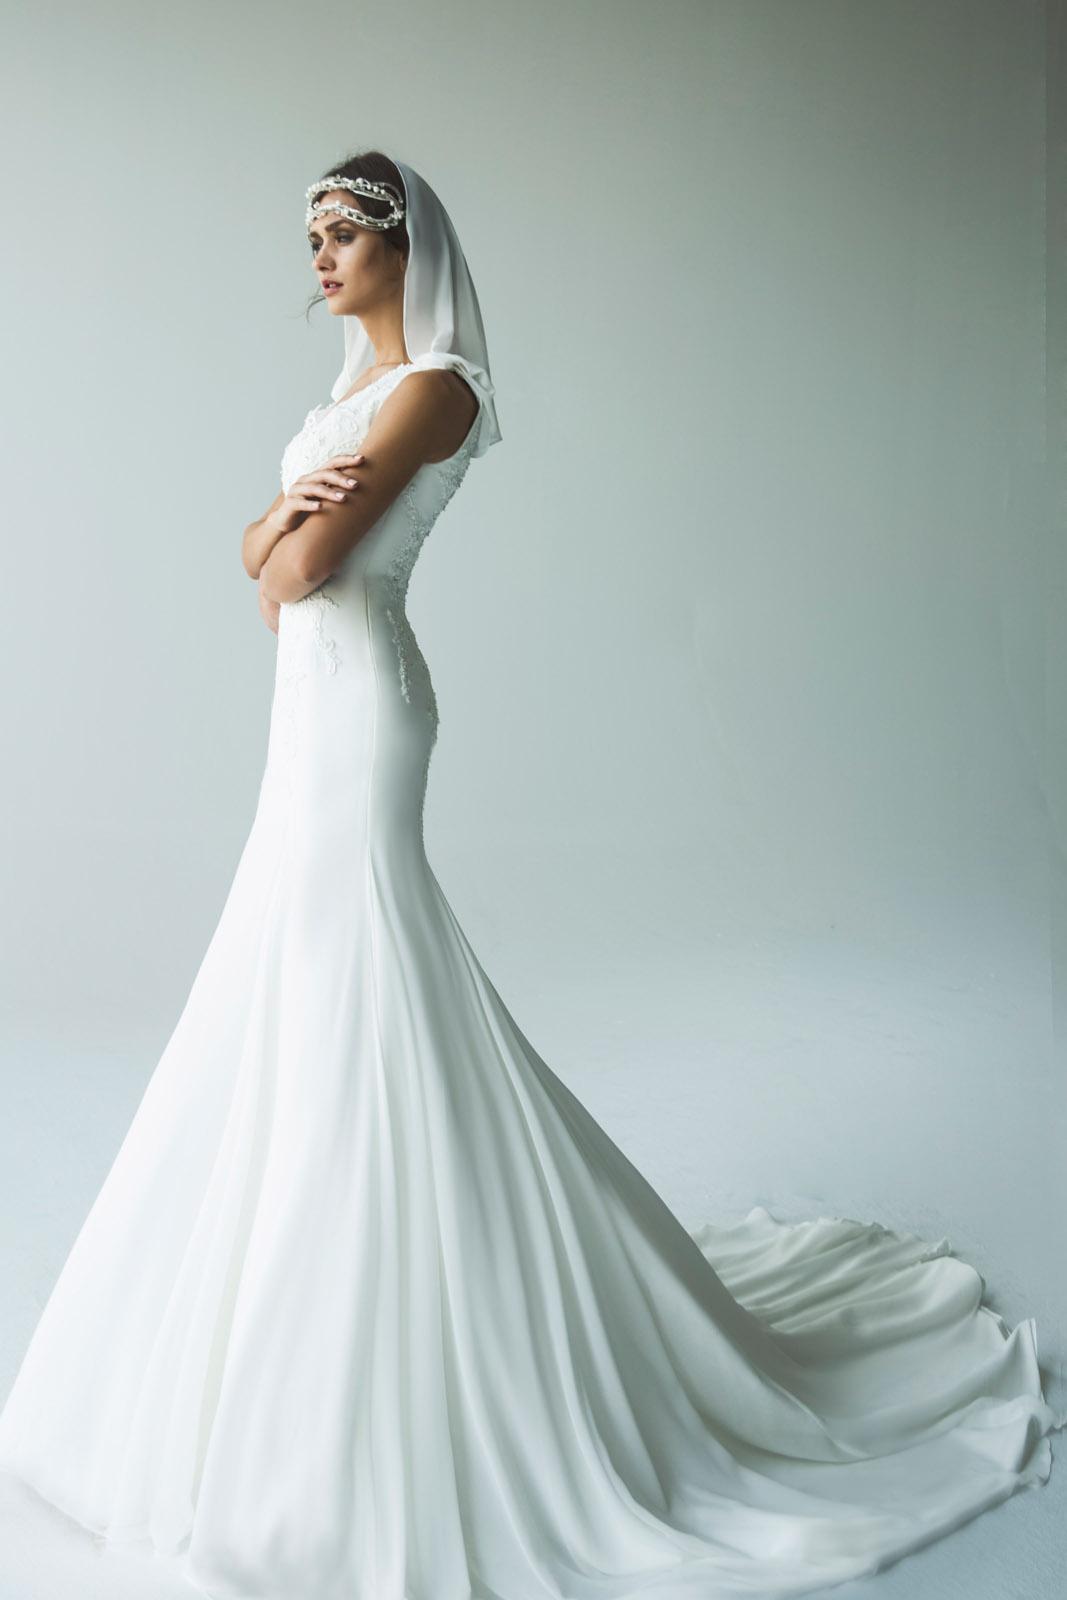 Vestido novia Penhalta Modelo Granada - penhalta